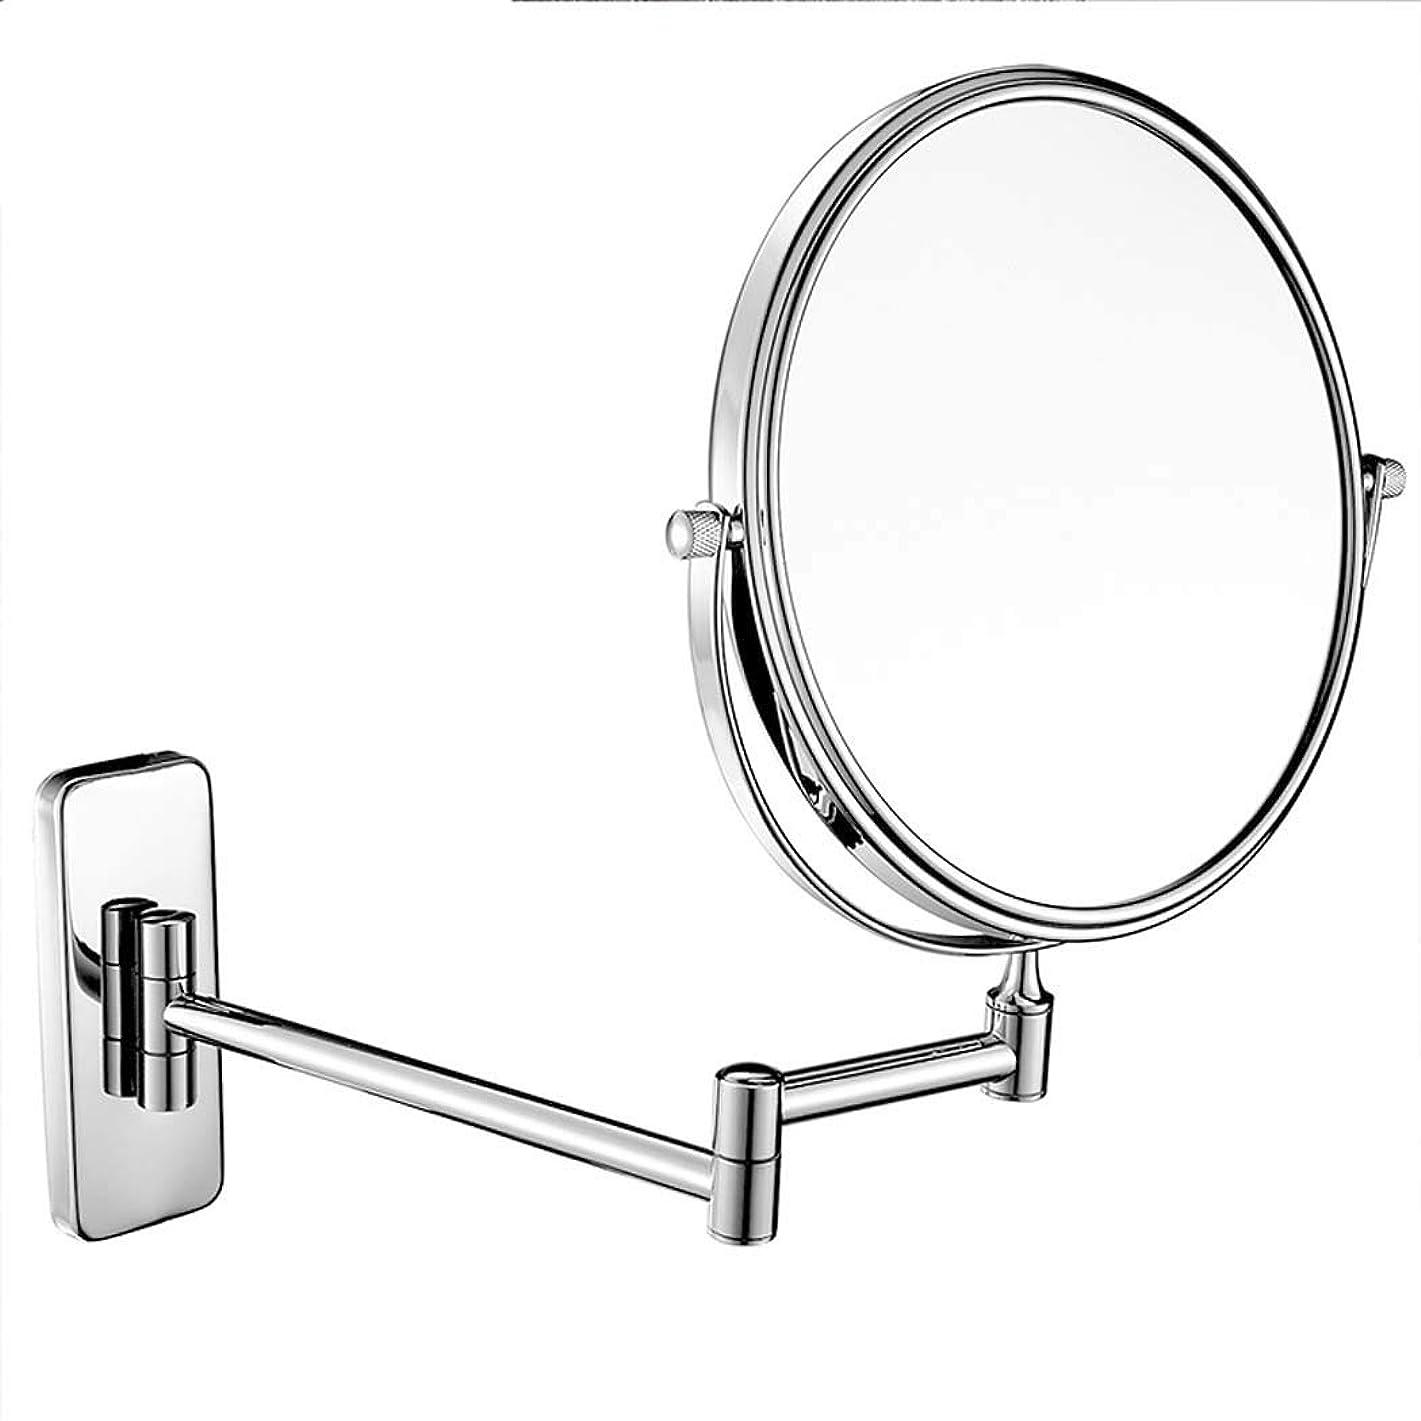 直感銀行生理壁に取り付けられた浴室用ミラー両面化粧鏡3倍/ 5倍/ 7倍/ 10倍拡大虚栄心拡大鏡360°回転、バス、スパ、ホテル用に拡張可能 (色 : クロム, サイズ さいず : 5x-6 inch)